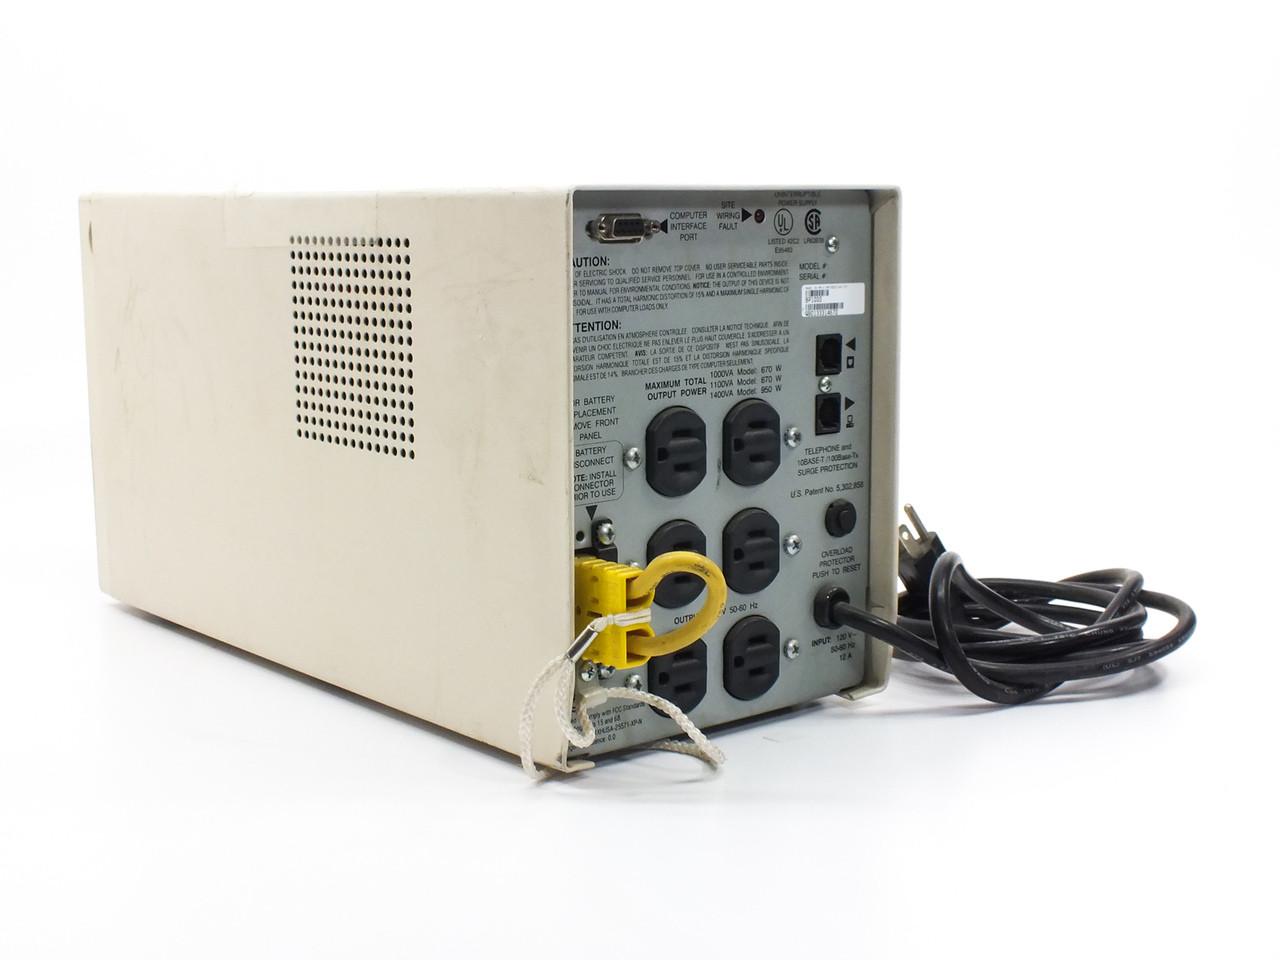 Apc Bp1000 Wiring Diagram Schematics Diagrams 1000 Va Back Ups Pro 670watts Recycledgoods Com Lg